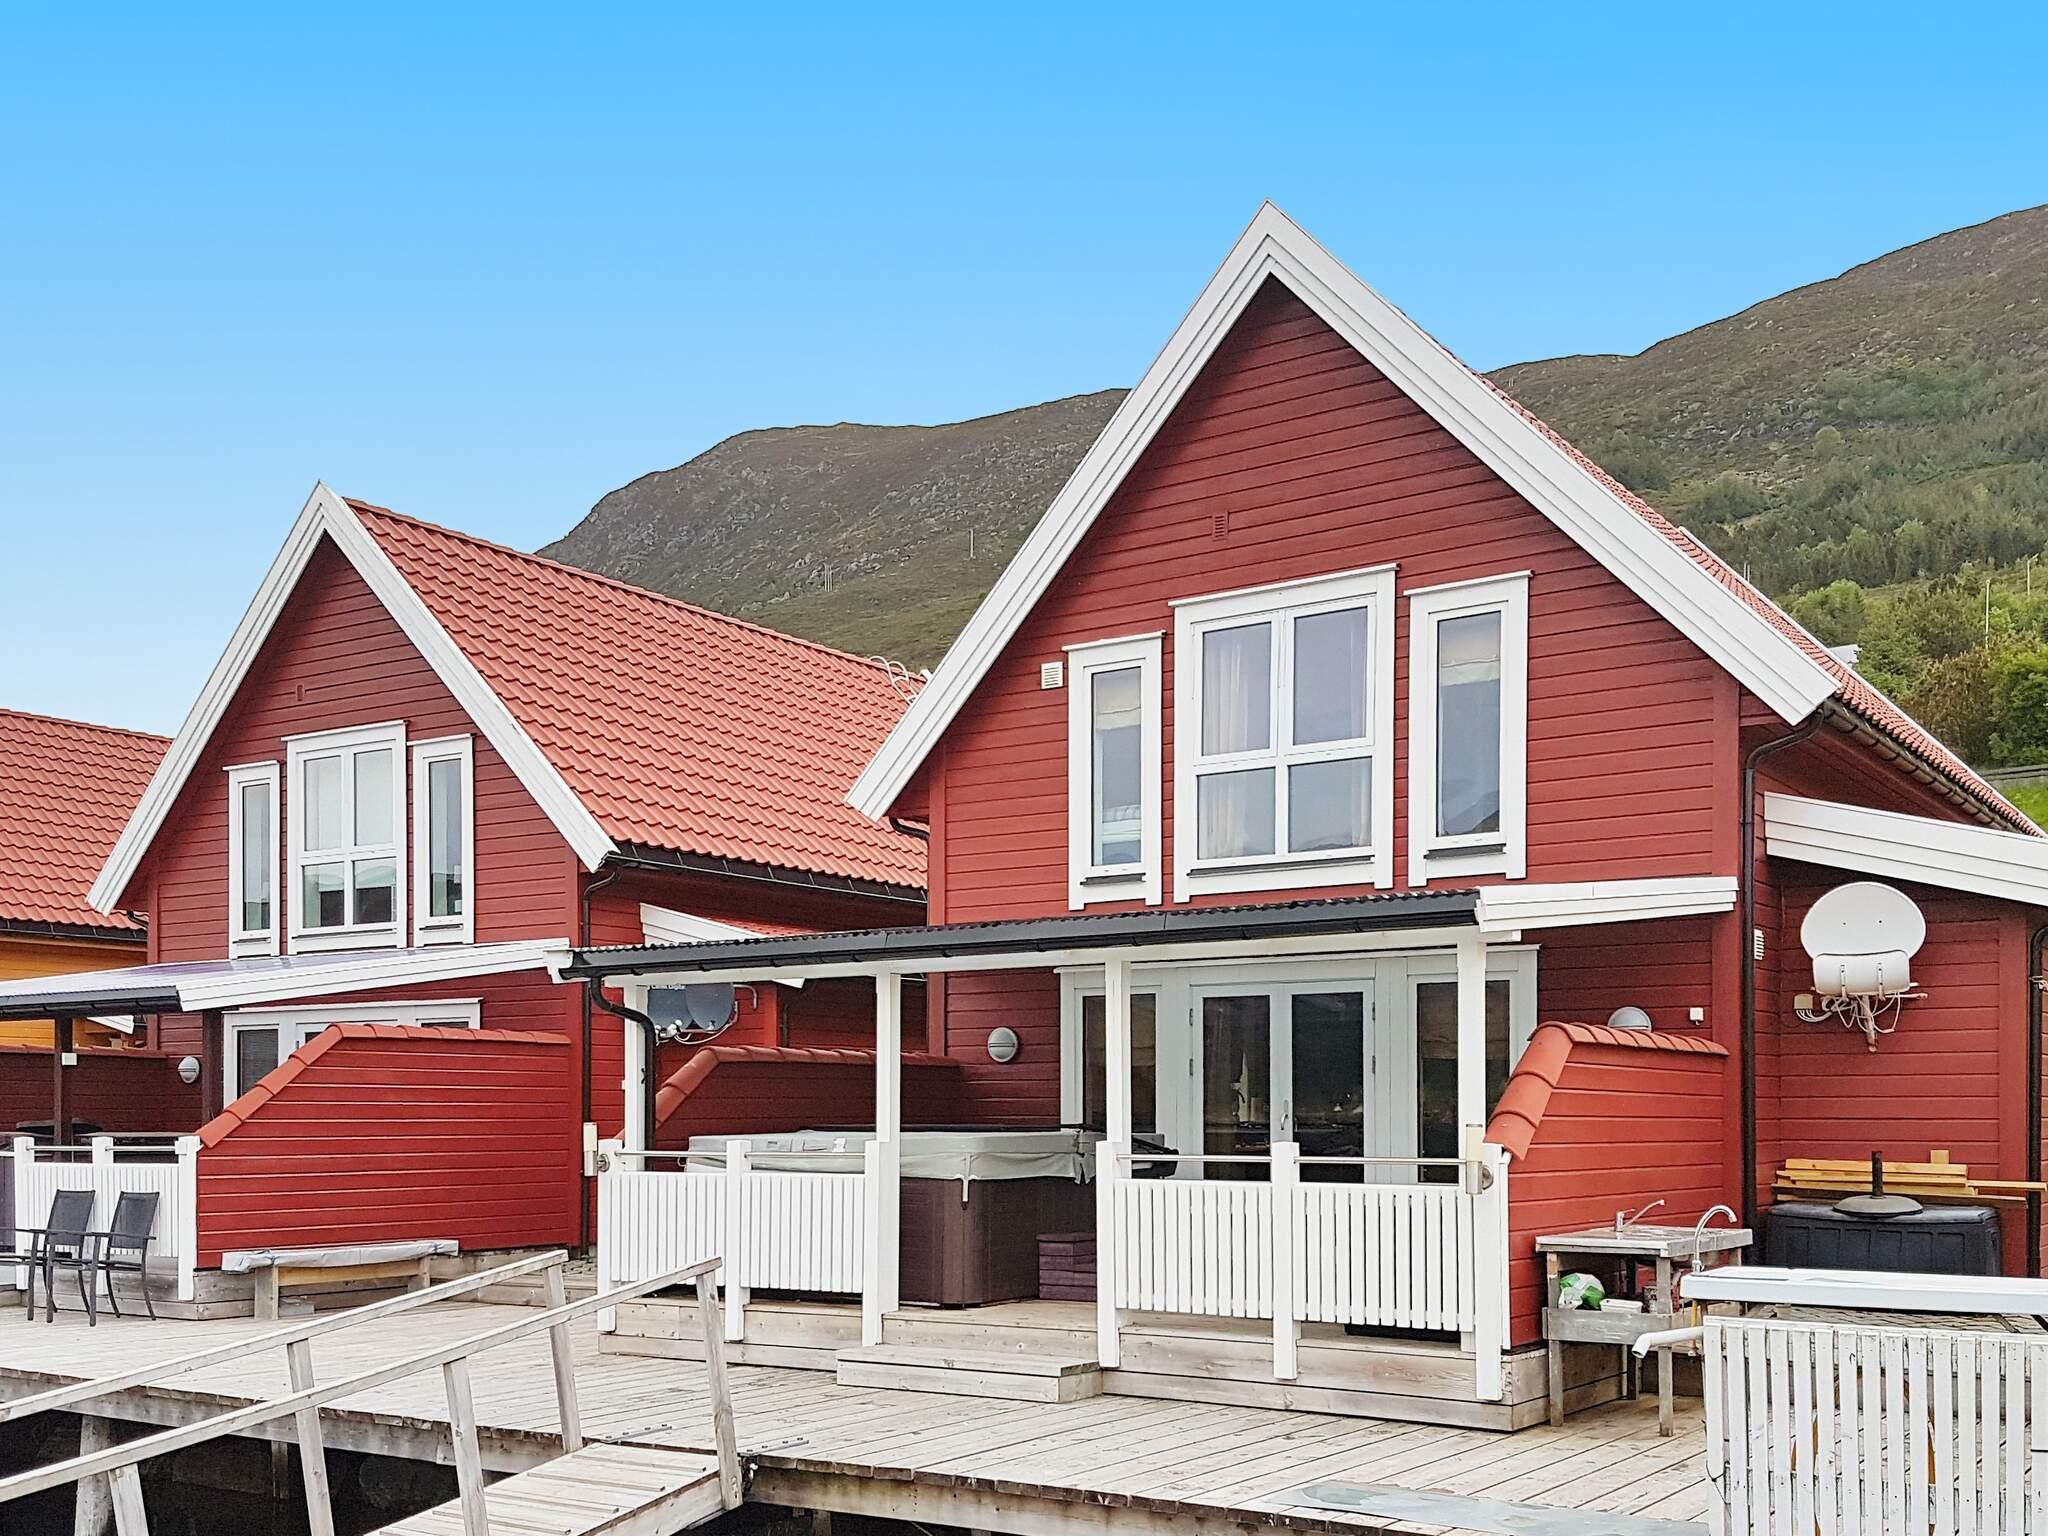 Ferienhaus Haugsbygda (501741), Haugsbygda, More - Romsdal, Westnorwegen, Norwegen, Bild 15